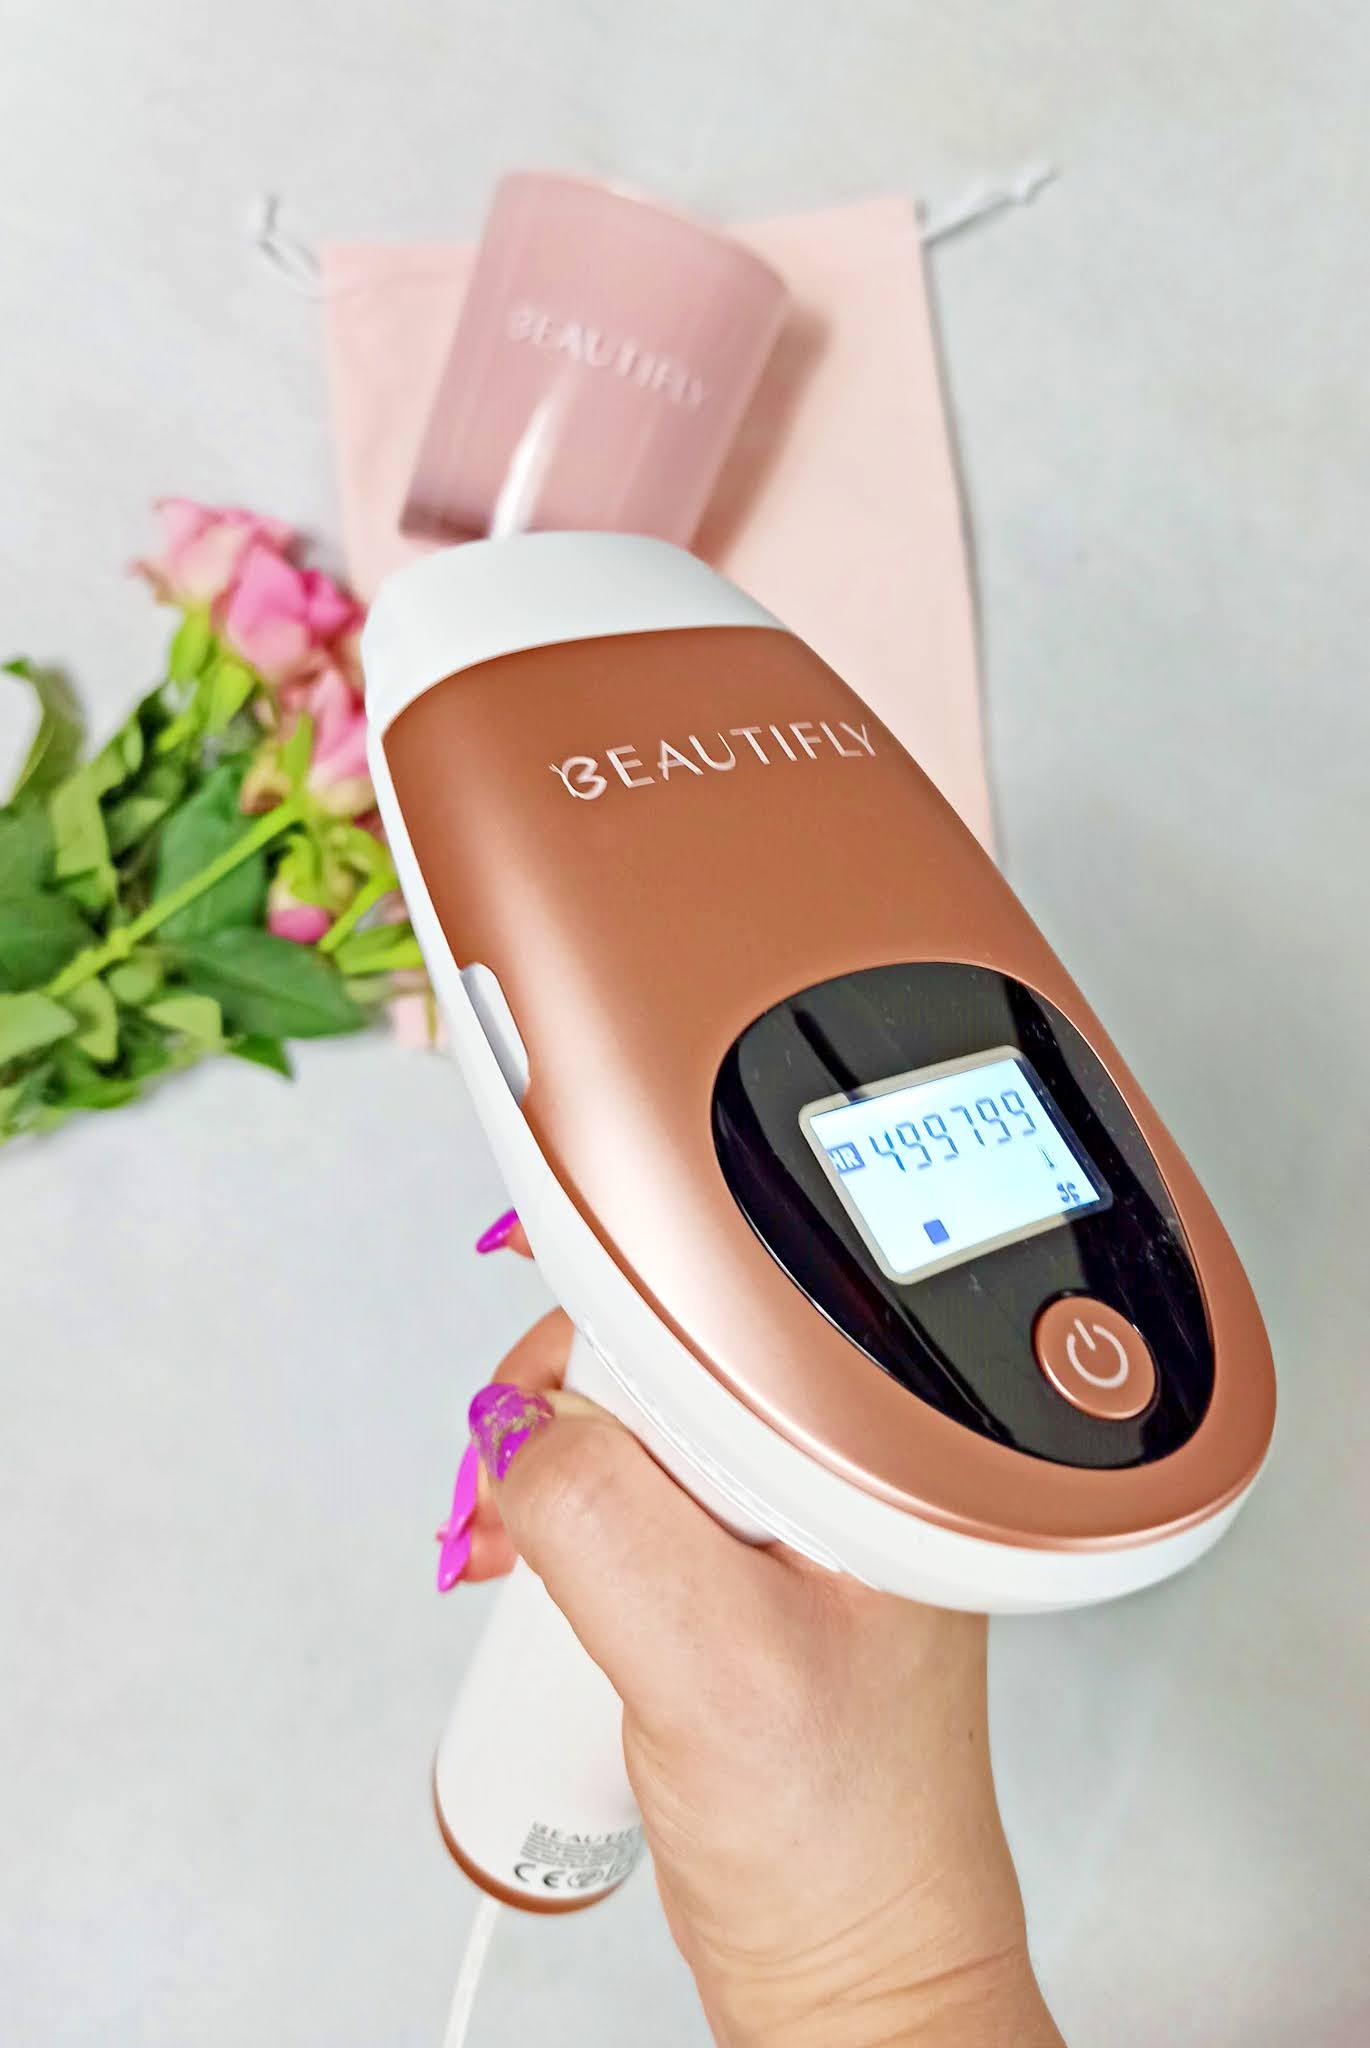 Laser wielofunkcyjny Beautifly B-Shine PRO IPL - opinia po 6 tygodniach stosowania